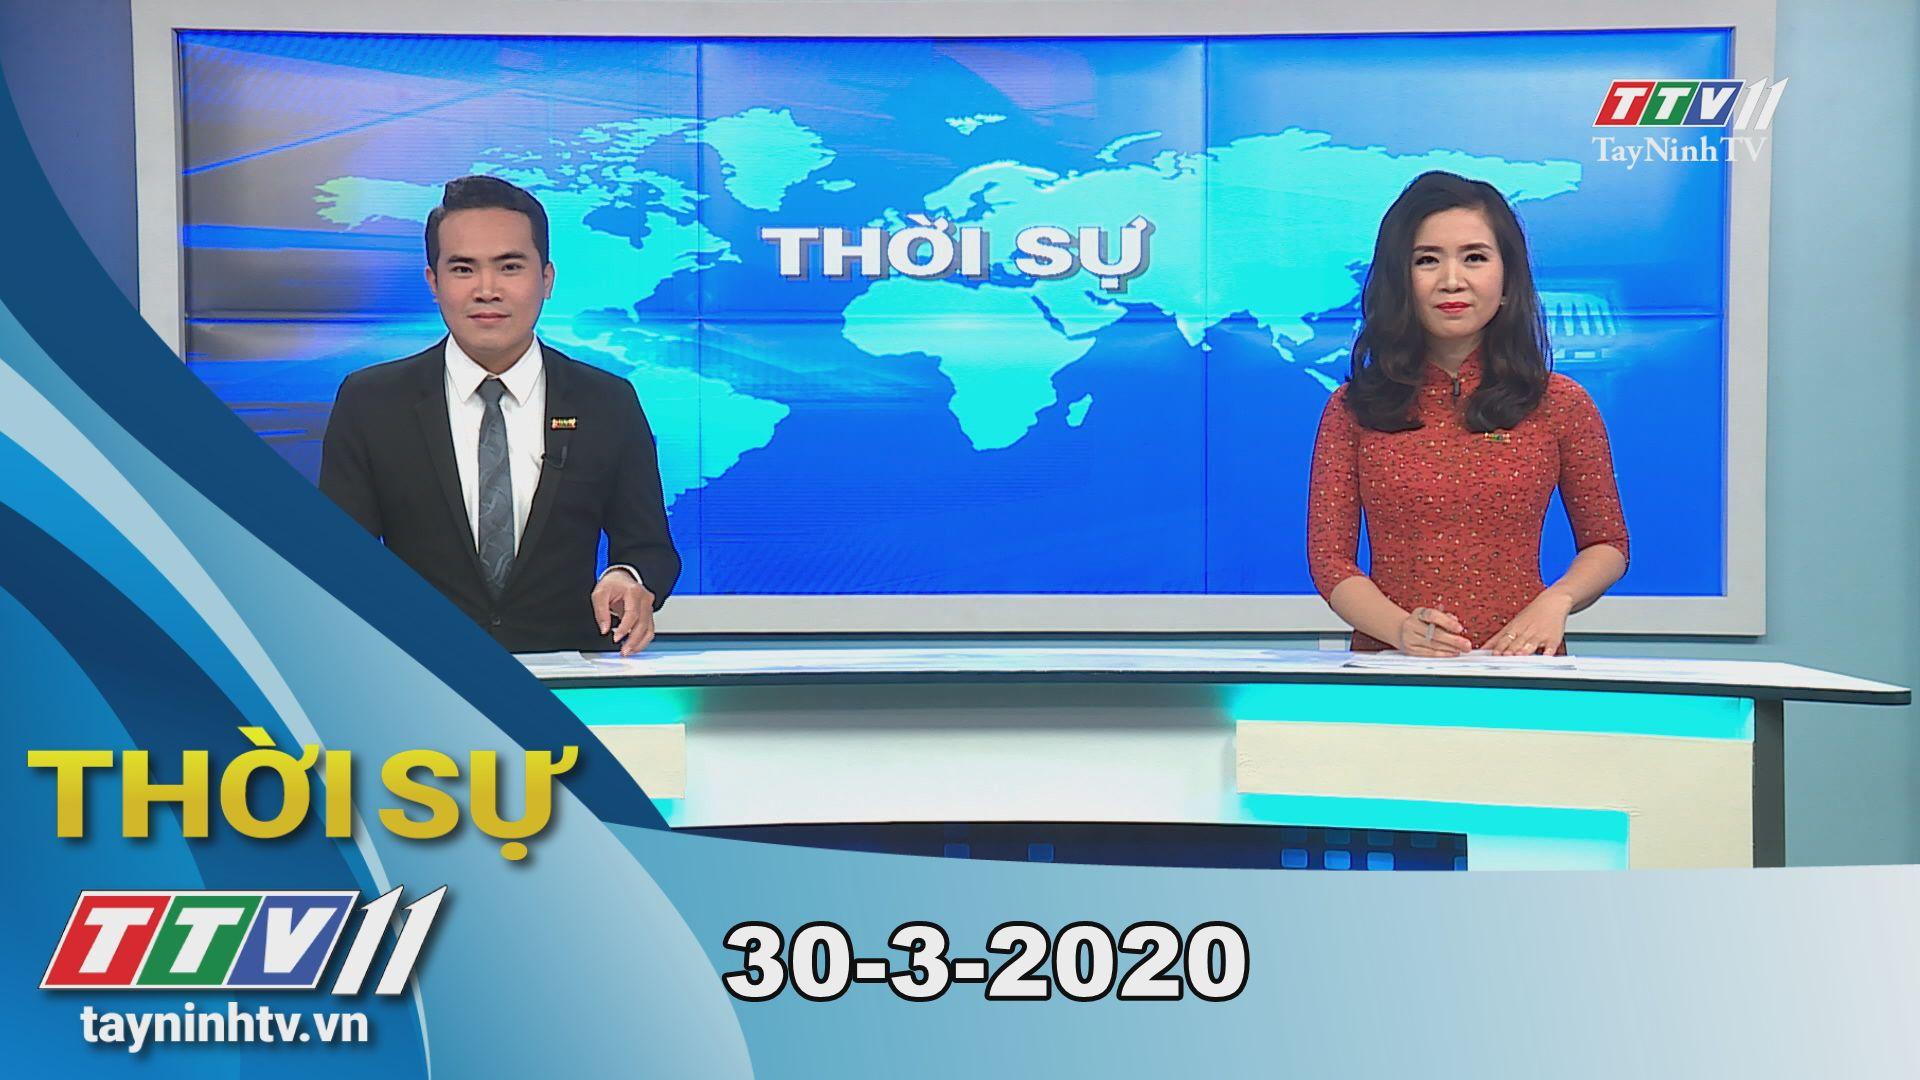 Thời sự Tây Ninh 30-3-2020 | Tin tức hôm nay | TayNinhTV